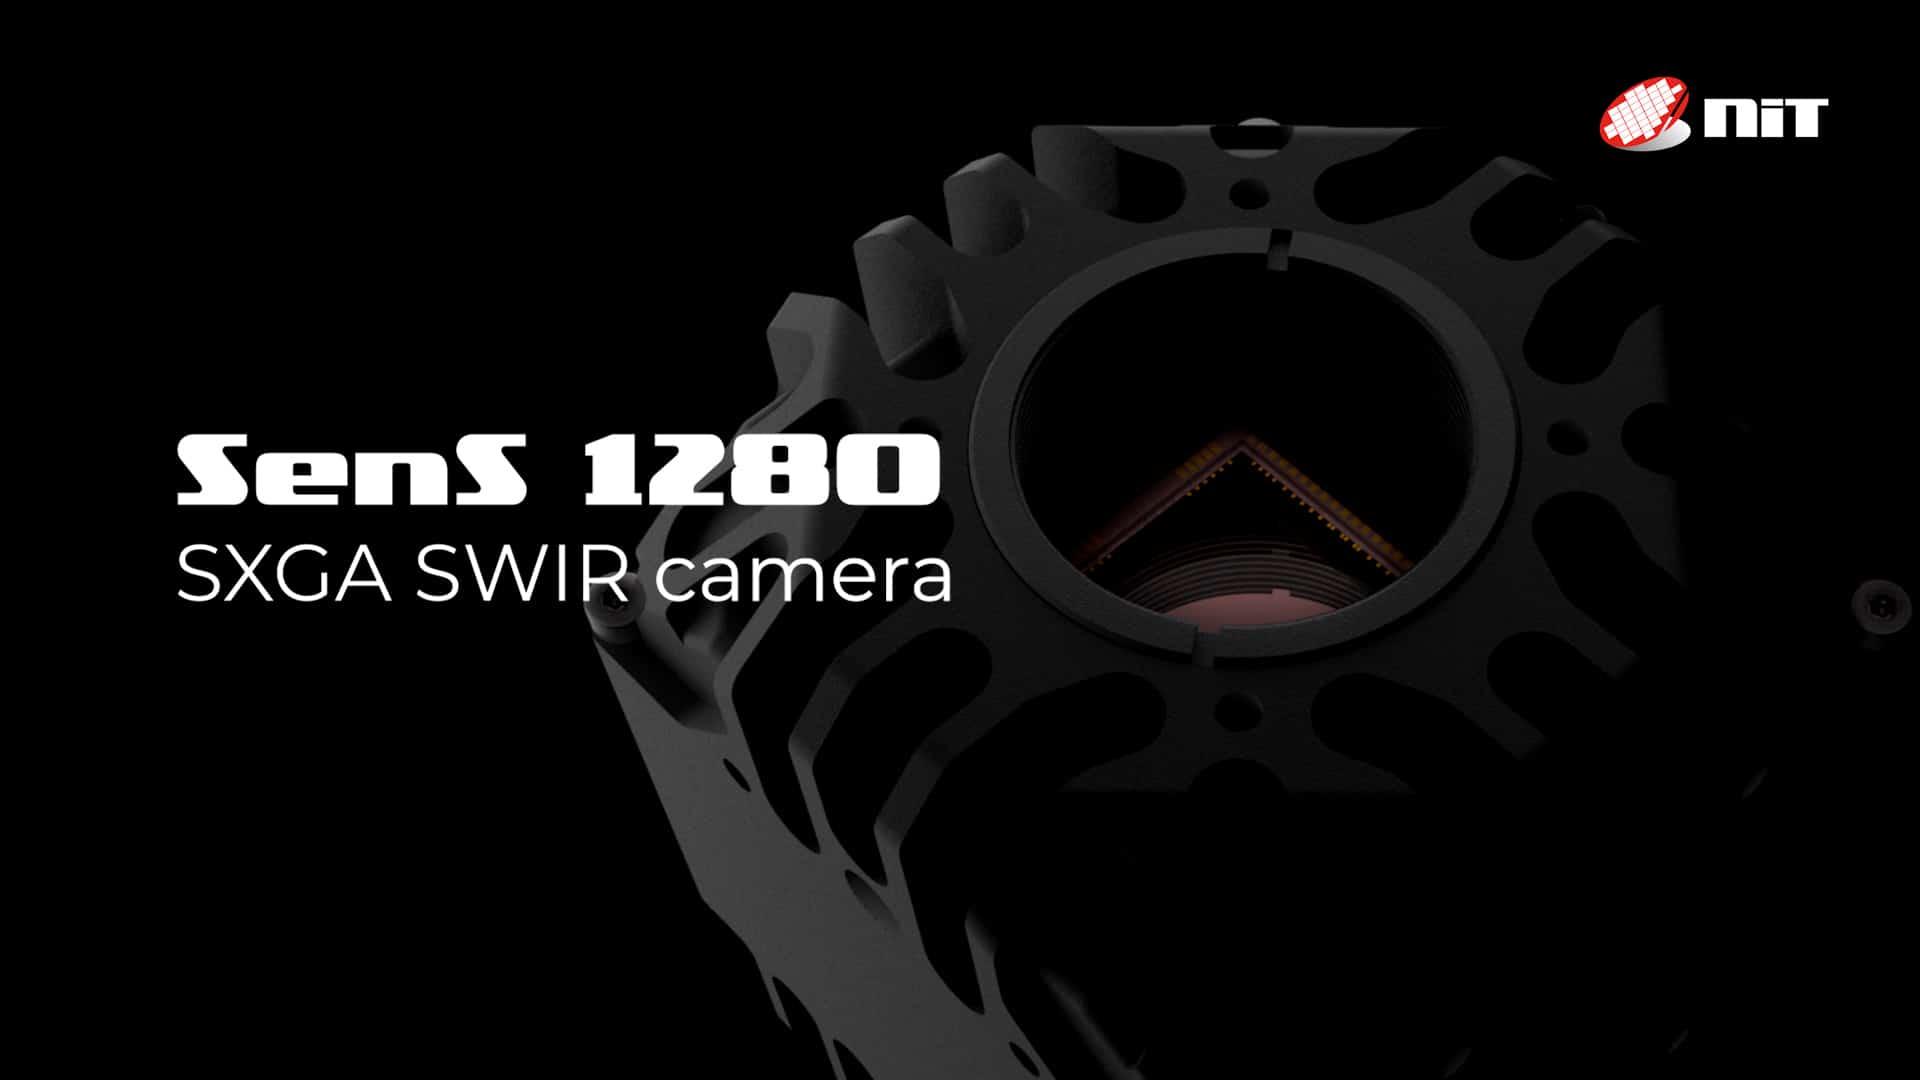 SenS 1280 - SXGA SWIR camera